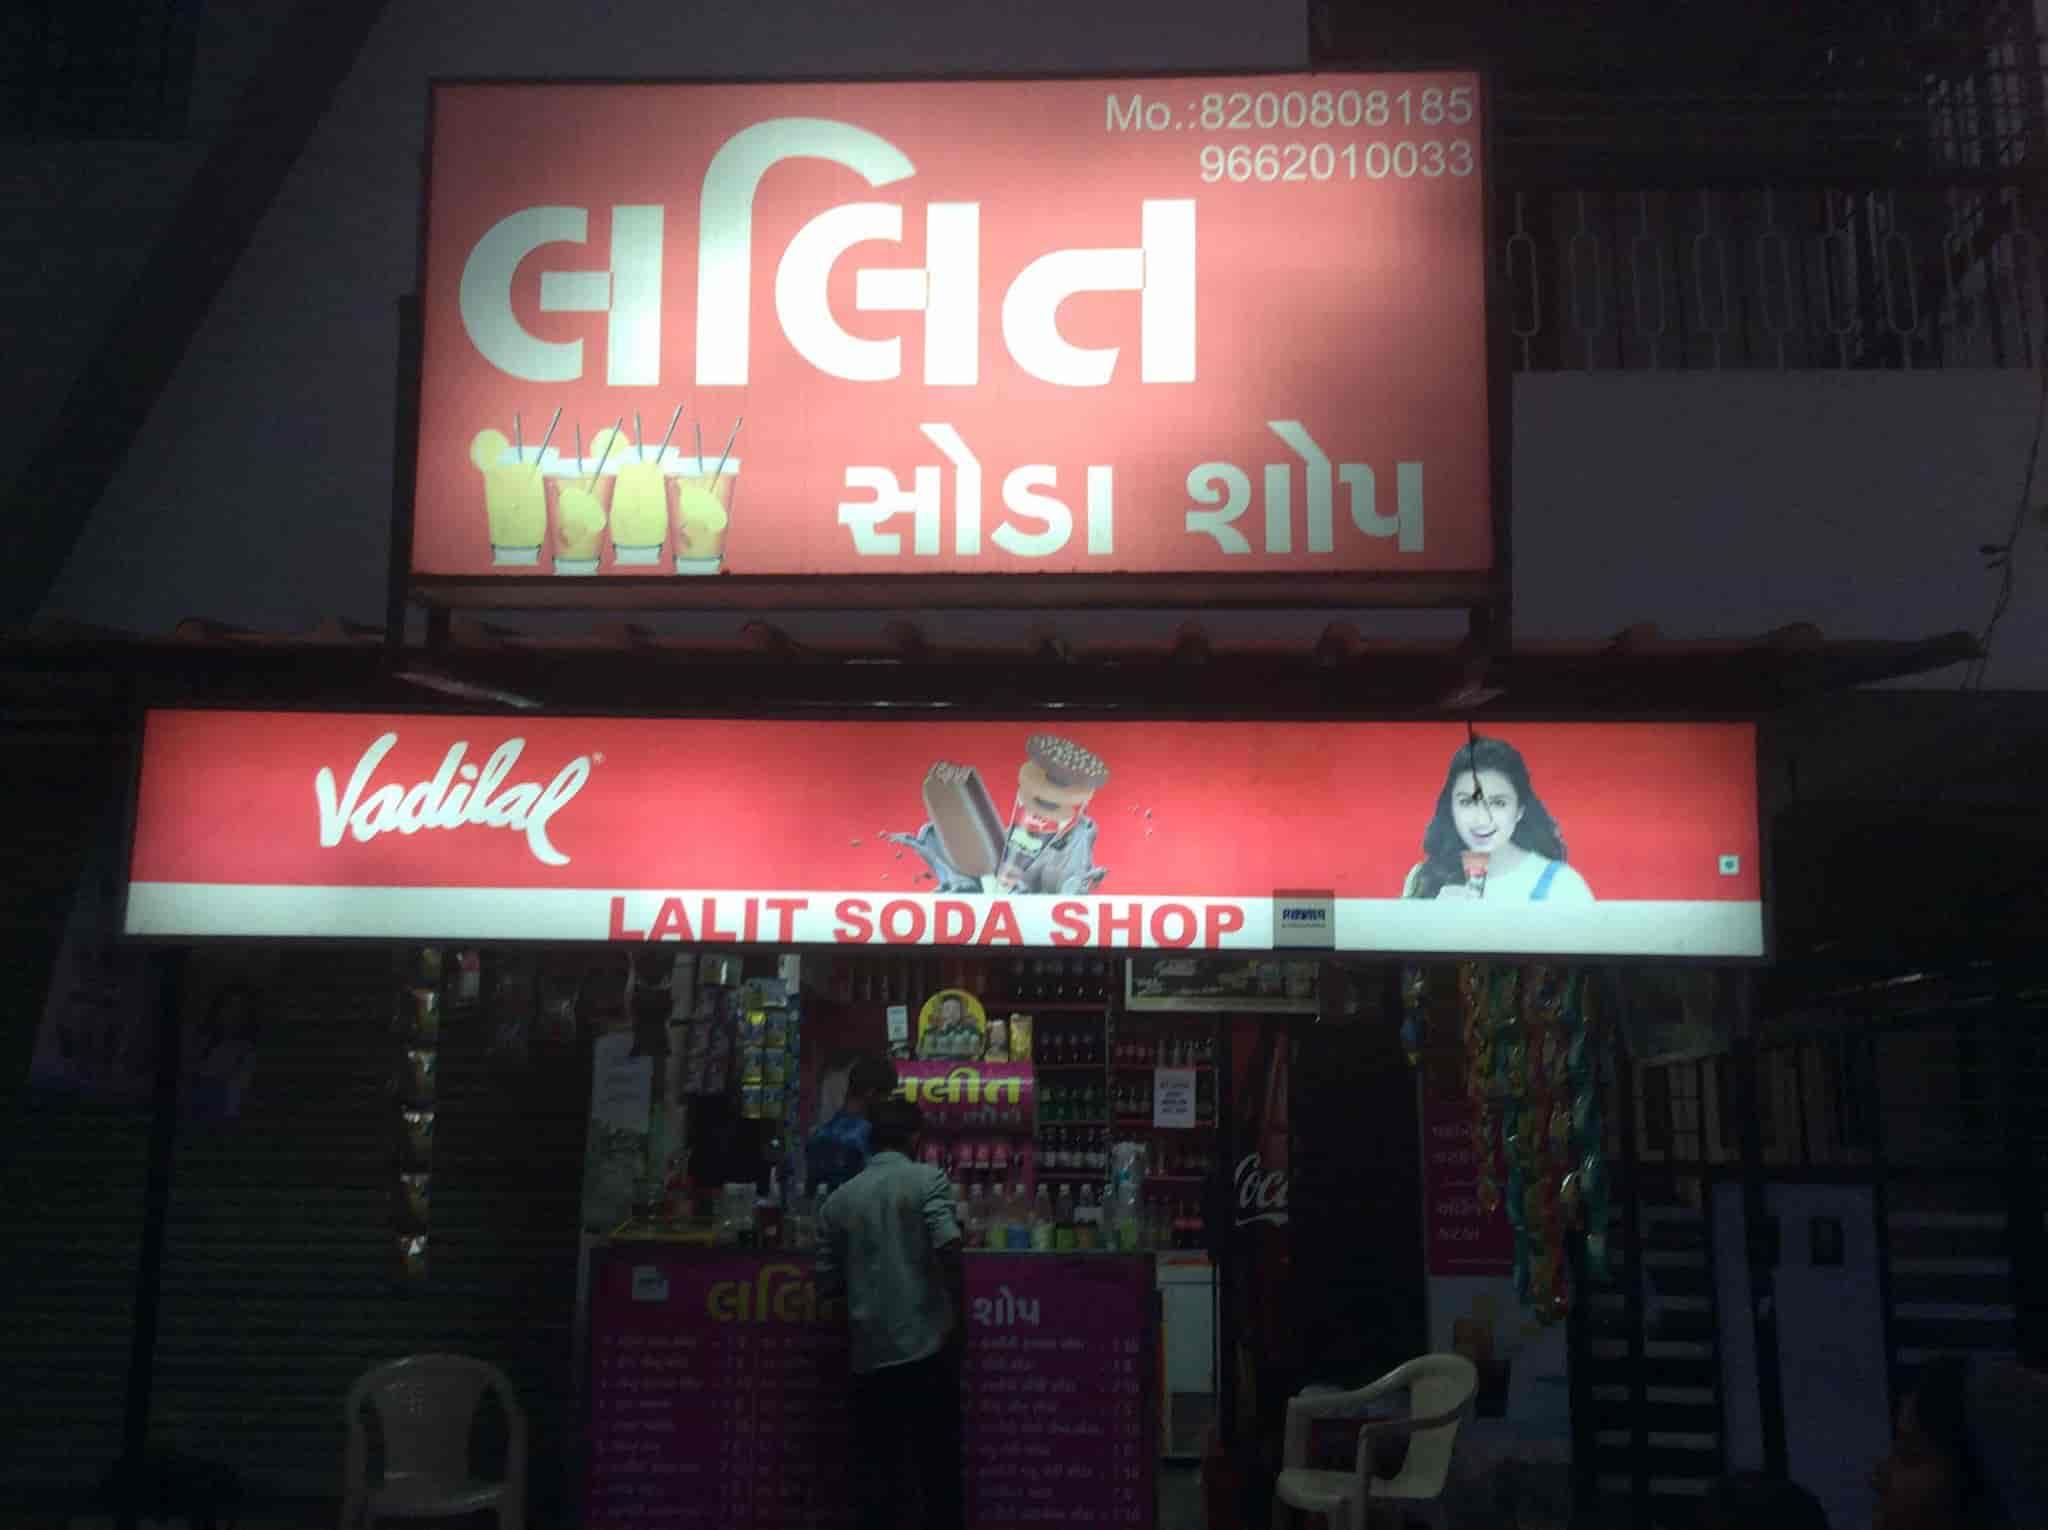 Lalit Soda Shop Photos, New City Light, Surat- Pictures